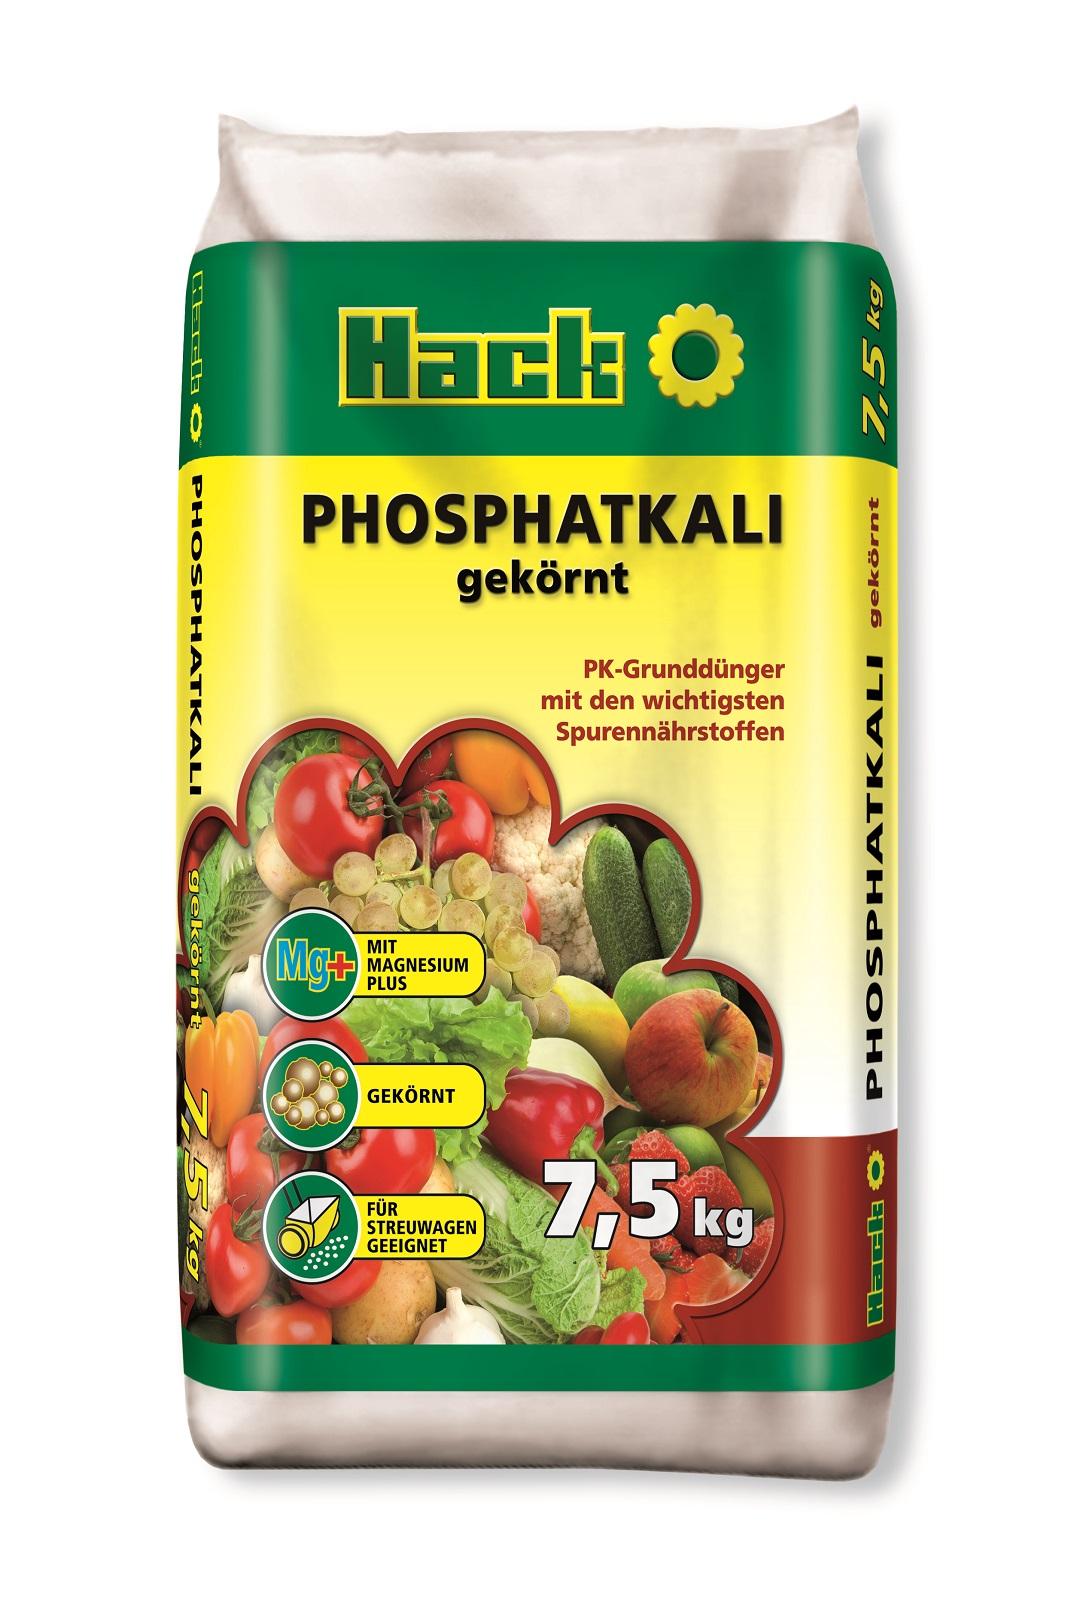 Hack Phosphatkali gekörnt 7,5 kg